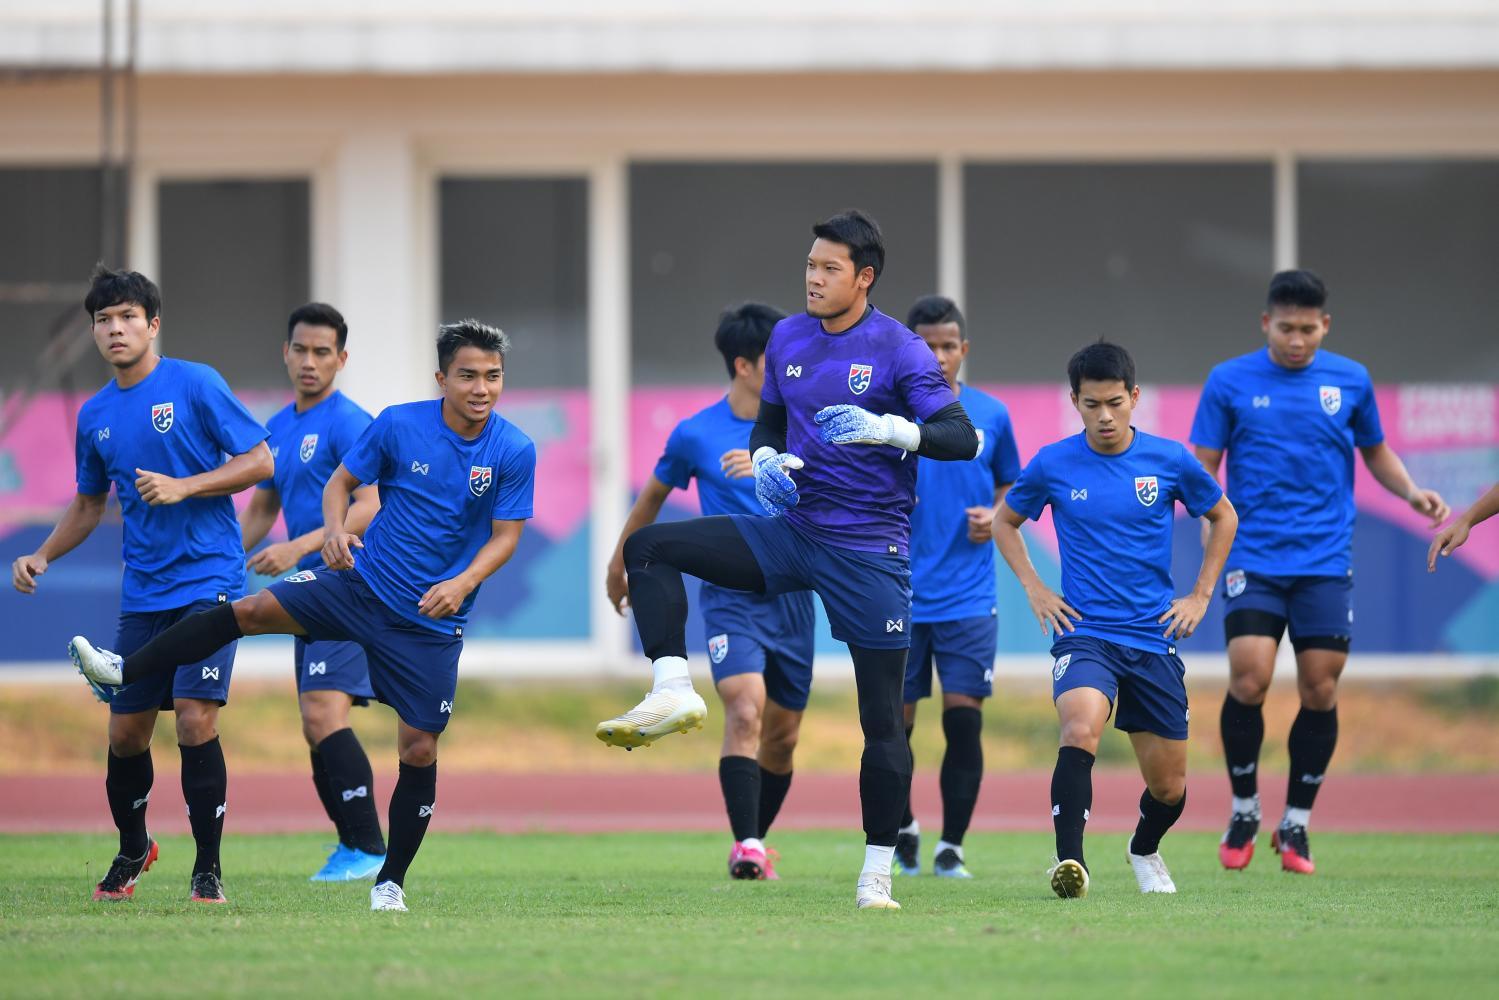 Thais eye end to goal drought